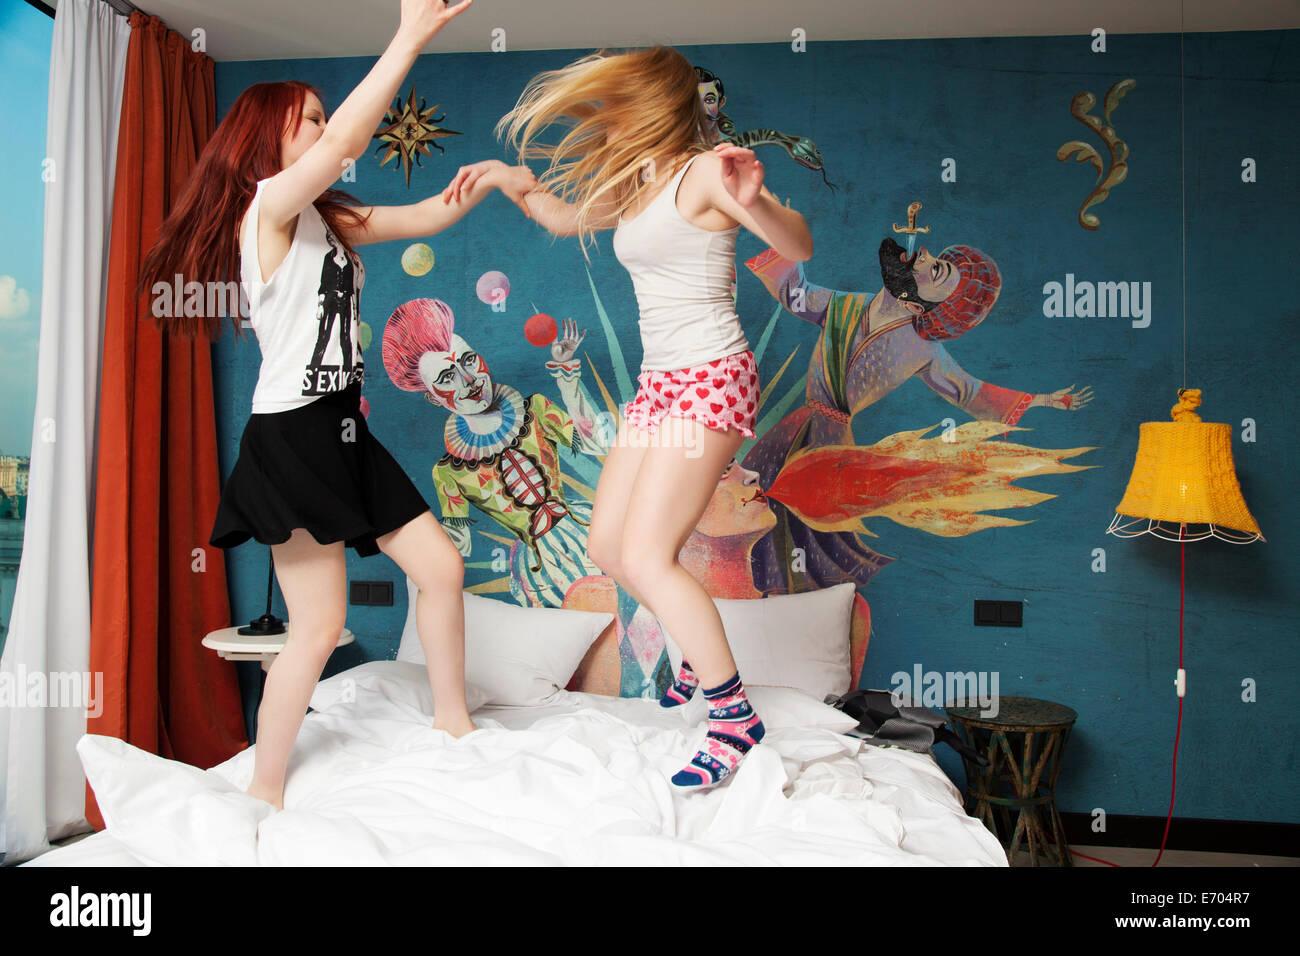 Dos jóvenes mujeres bailando sobre la cama de hotel Imagen De Stock